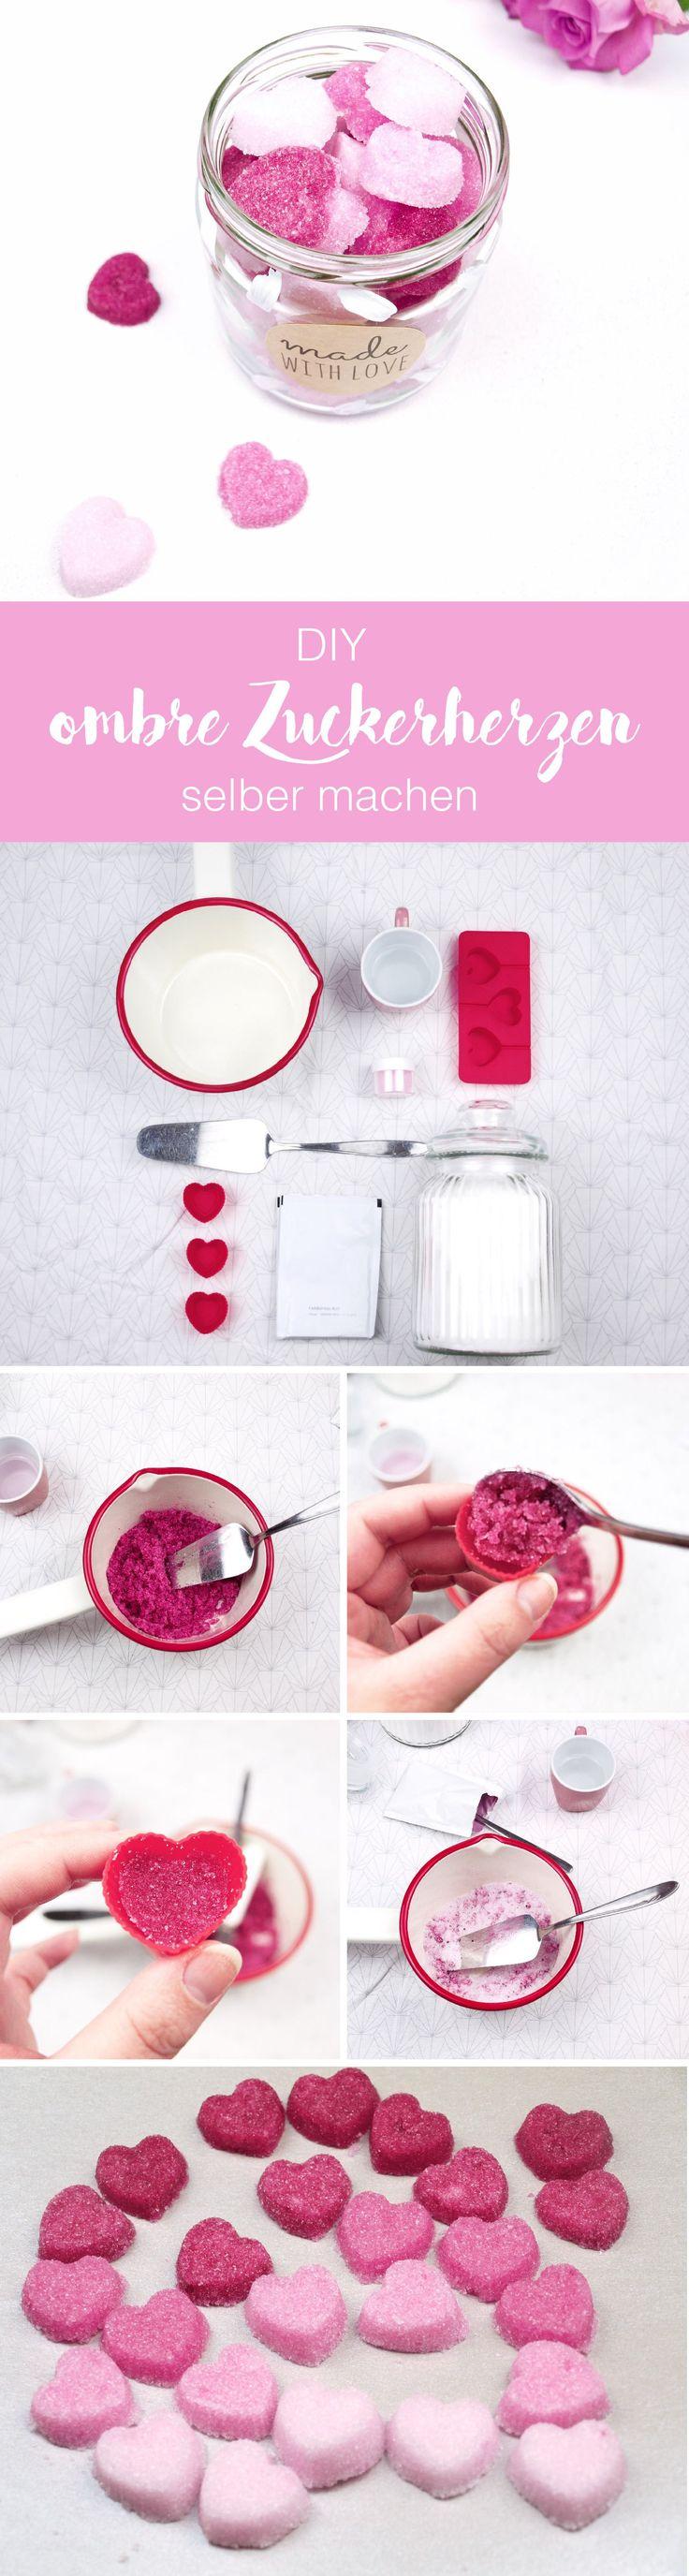 DIY Geschenkidee: Ombre Zuckerherzen in pink und rosa ganz einfach selber machen.Mit Rezept und Anleitung.